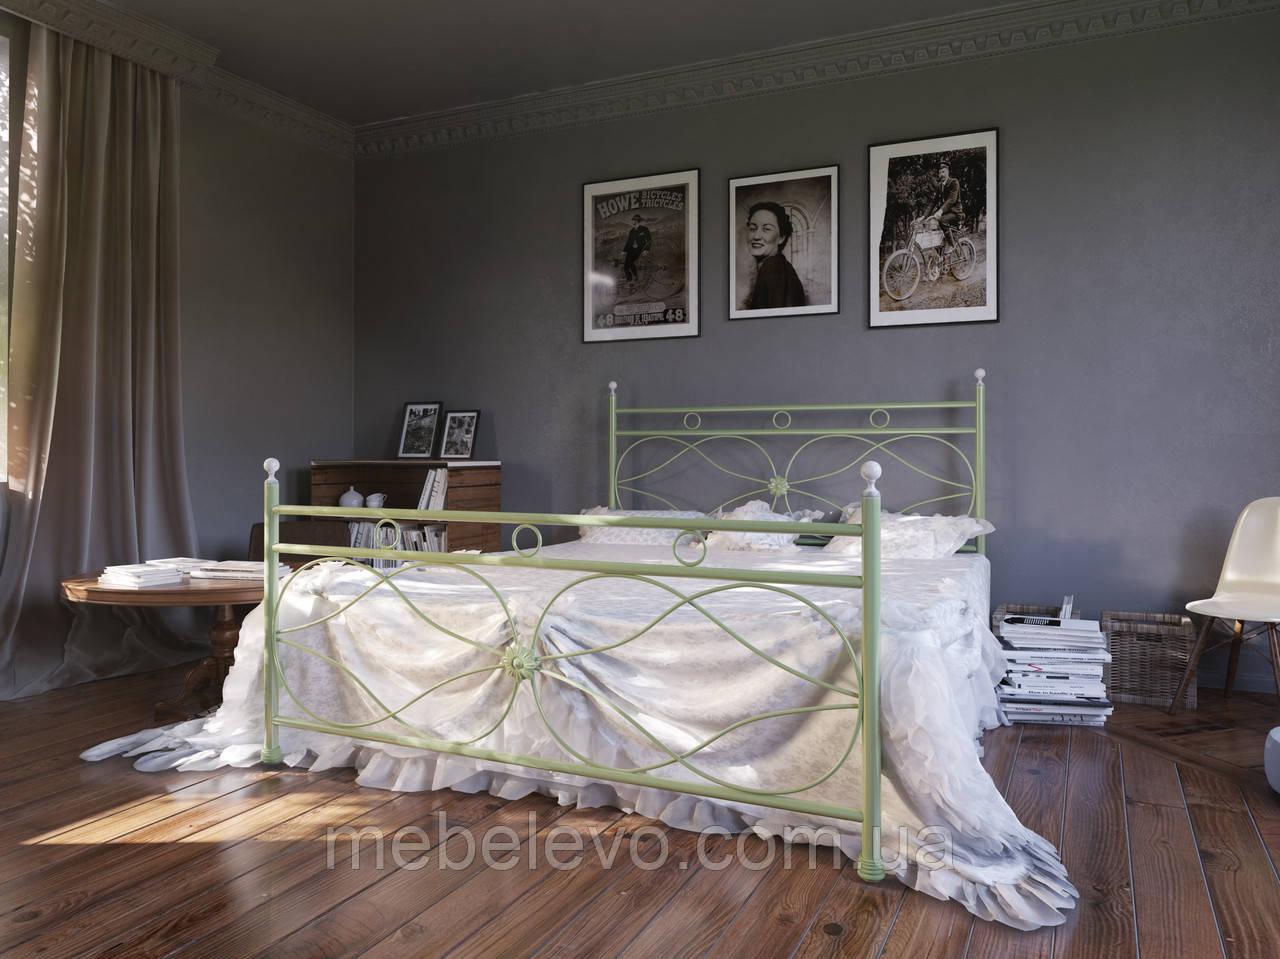 Кровать двуспальная Vicenza / Виценза 180 Металл-дизайн BellaLetto